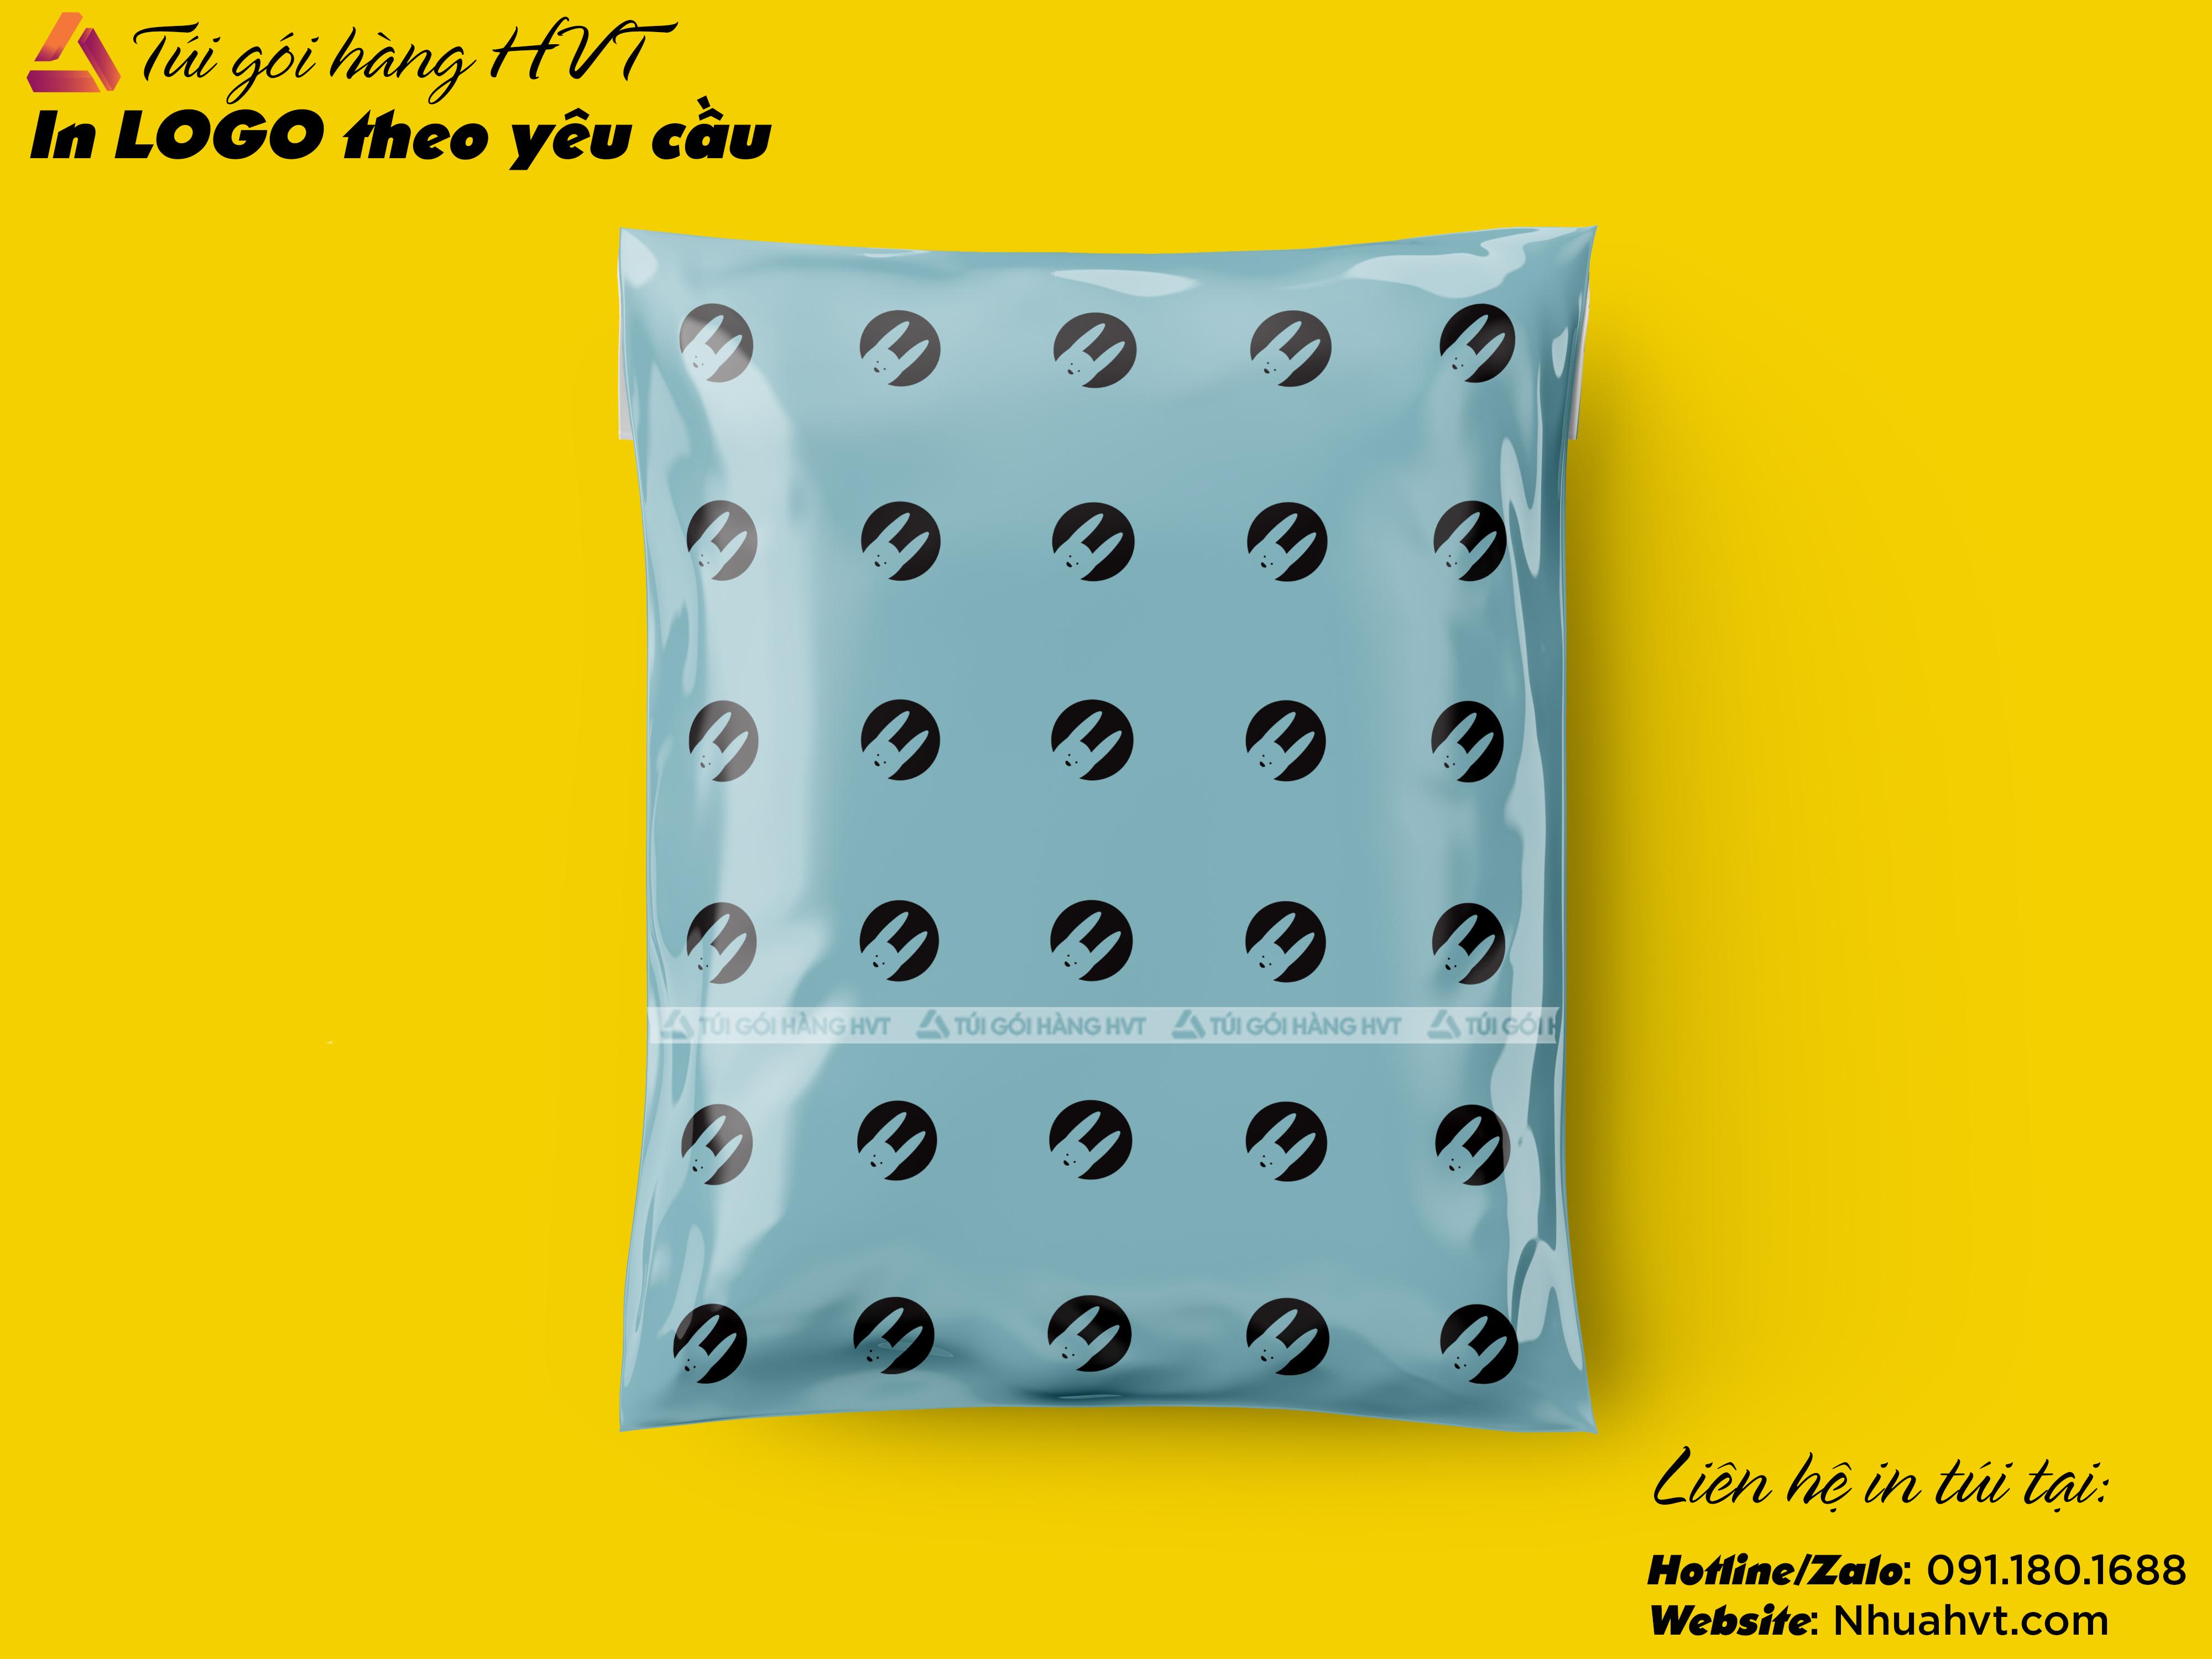 túi gói hàng xanh ngọc in logo theo yêu cầu